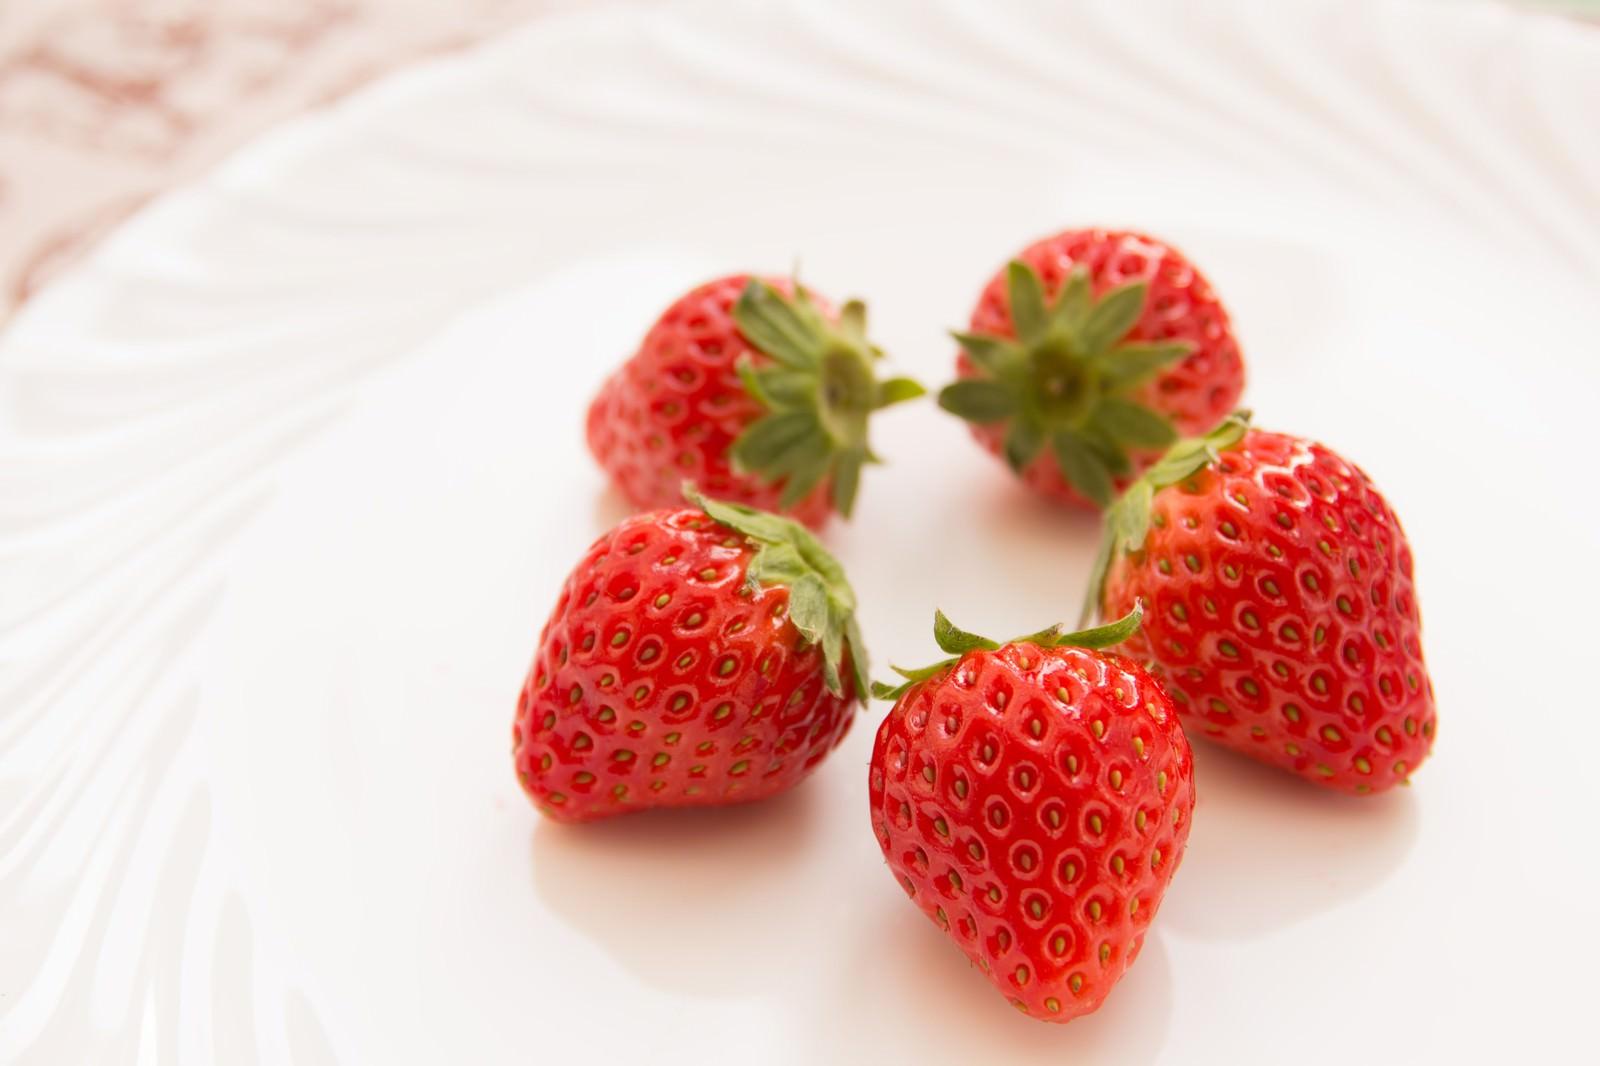 「お皿に盛られた苺」の写真